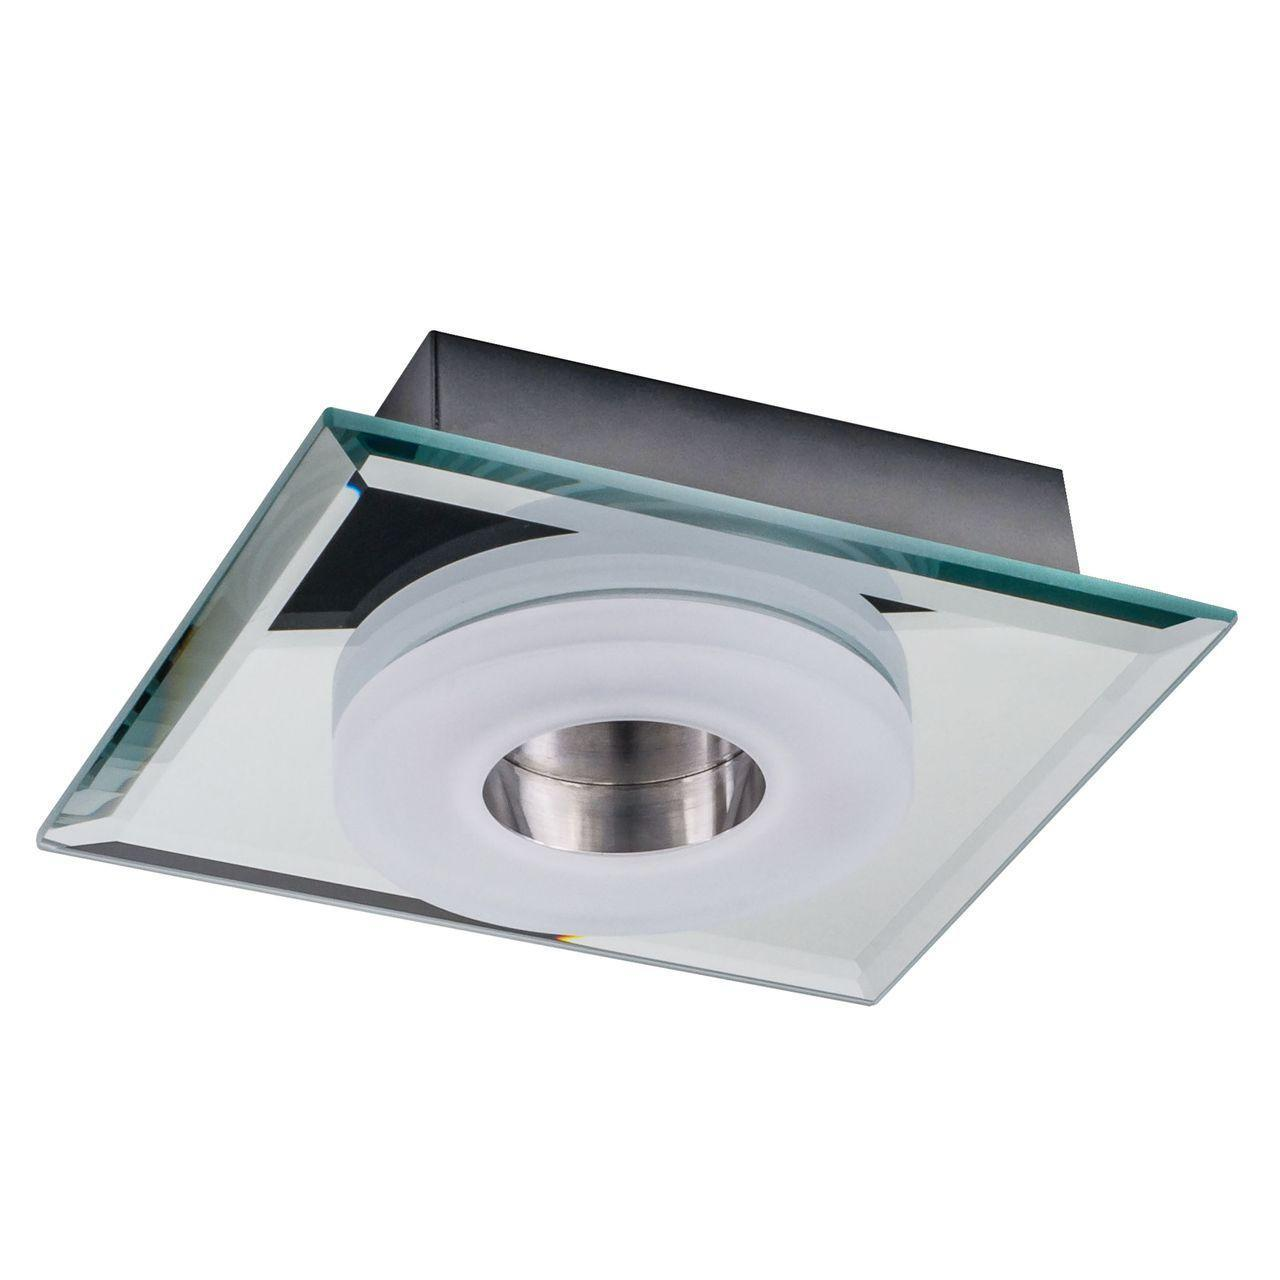 Фото - Потолочный светодиодный светильник Spot Light Vito 9030128 потолочный светодиодный светильник spot light 4723502